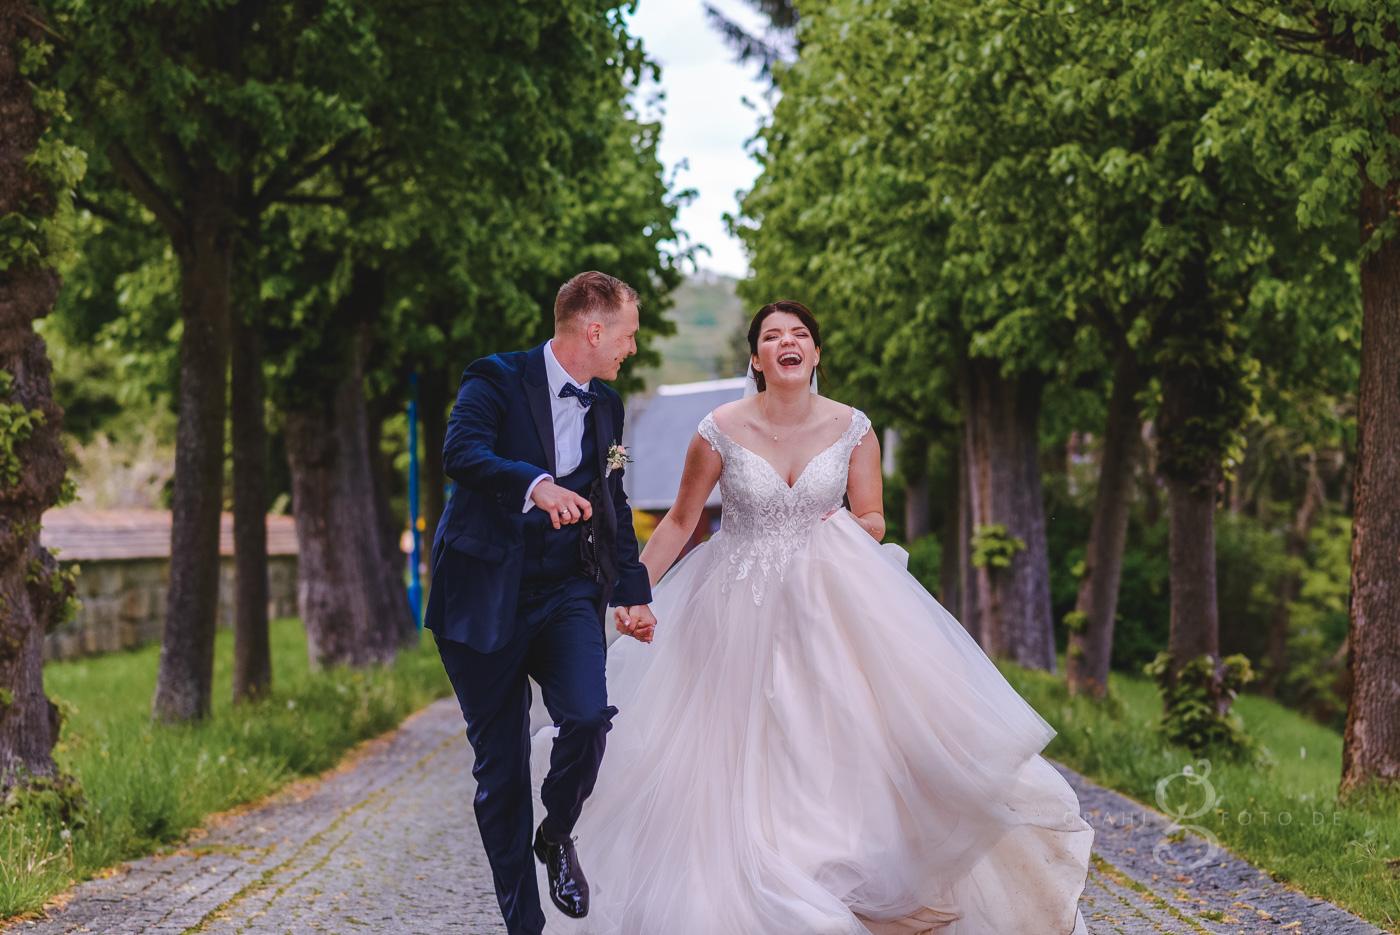 Hochzeitsfotos by Cordula Maria Grahl   grahlfoto.de